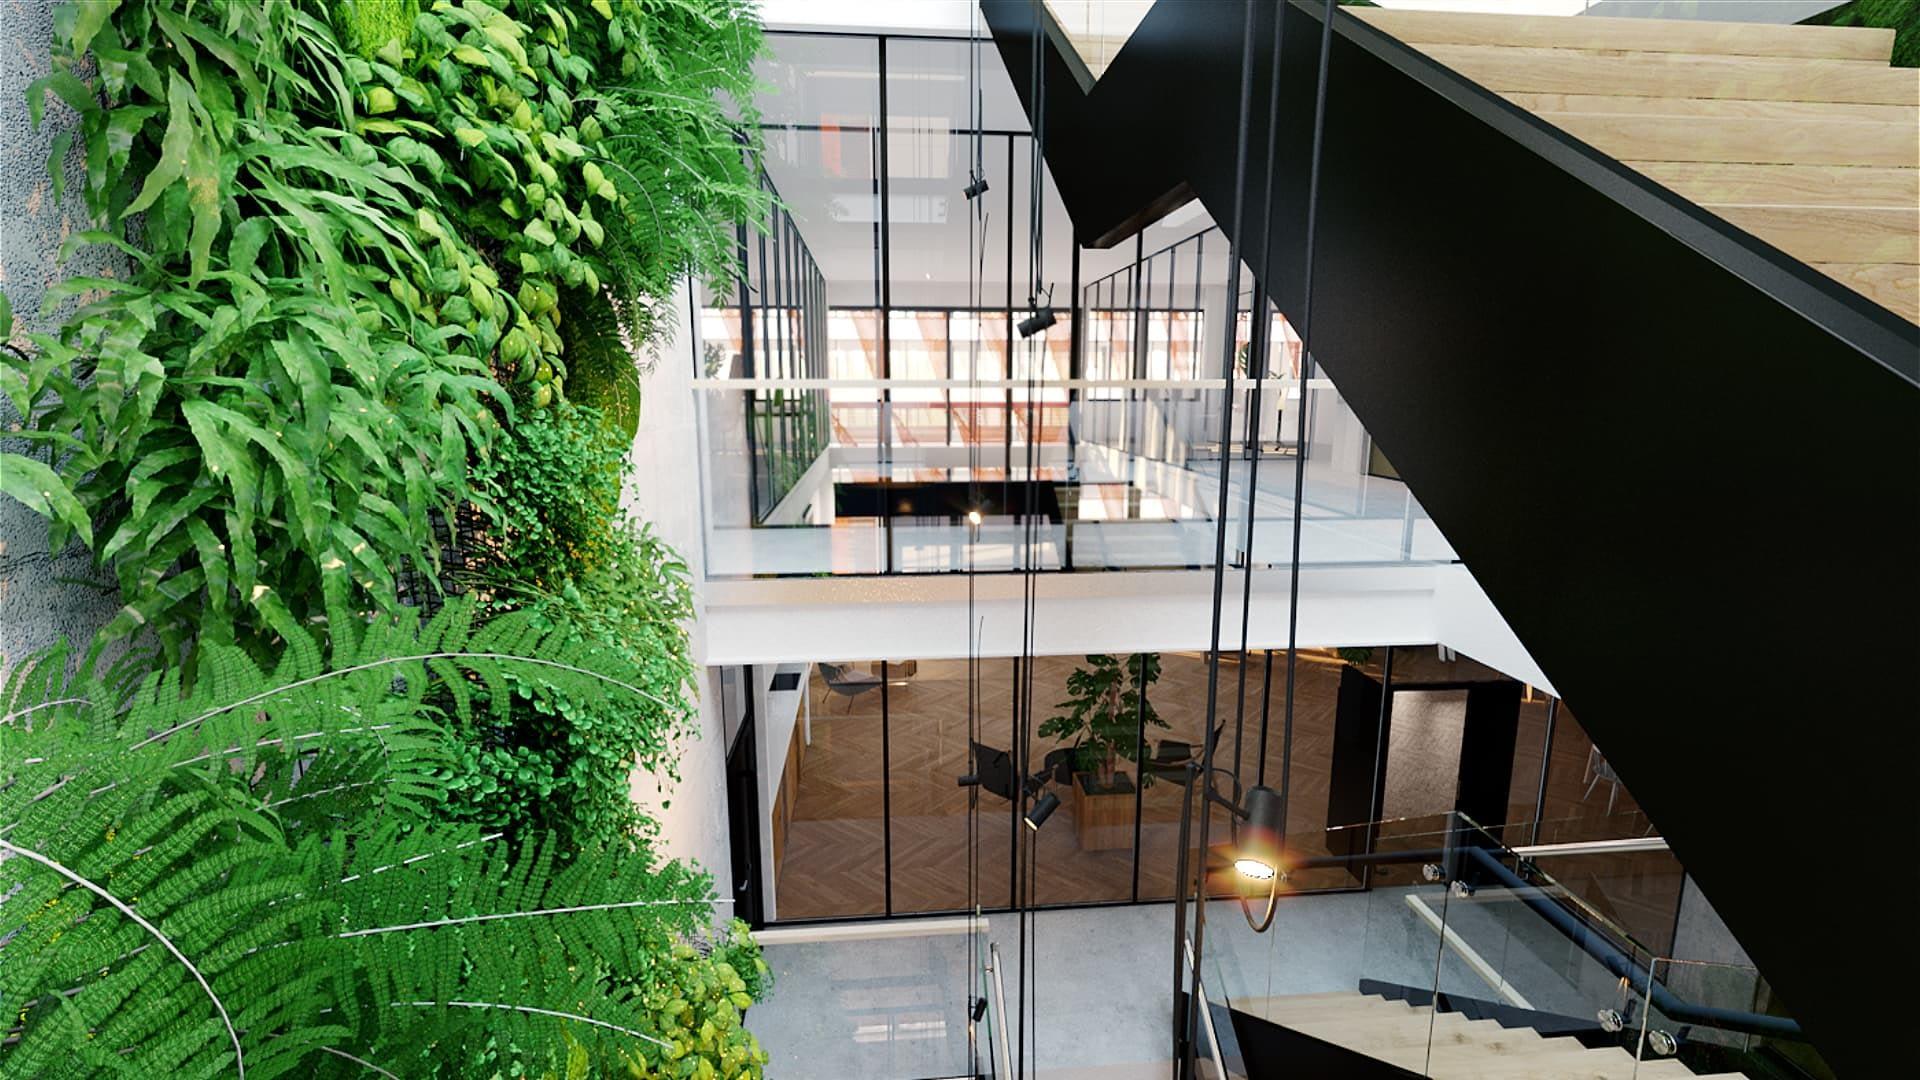 Tuottavuutesi on meille tärkeää, siksi Swing House on suunniteltu eritoten monitilaympäristötyöskentelyyn